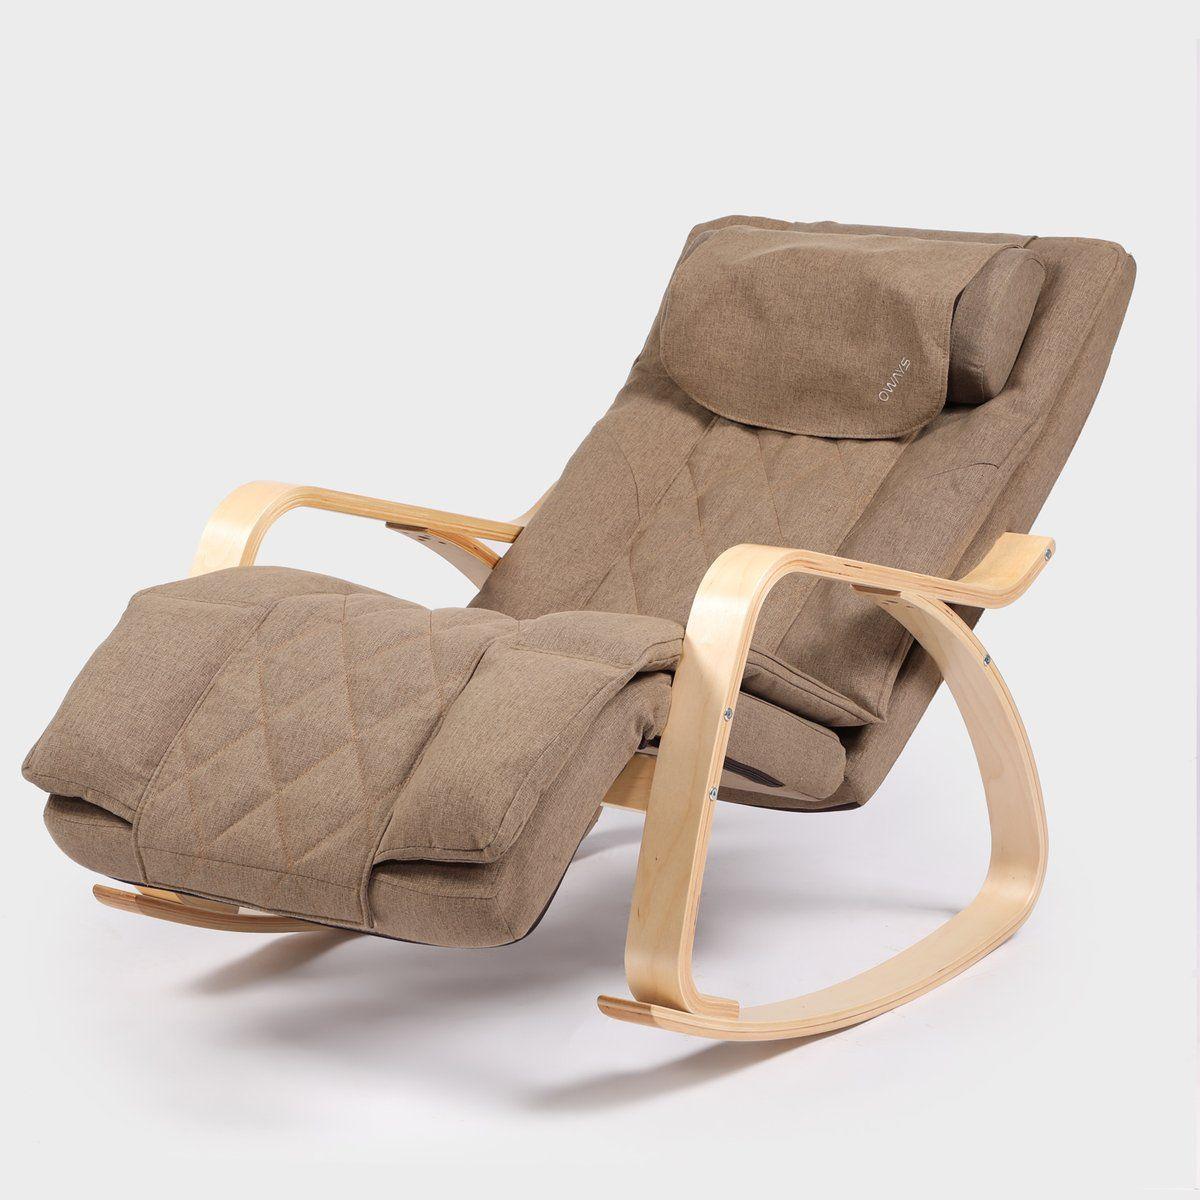 OWAYS 3D Massage Chair Recliner chair, Electric massage